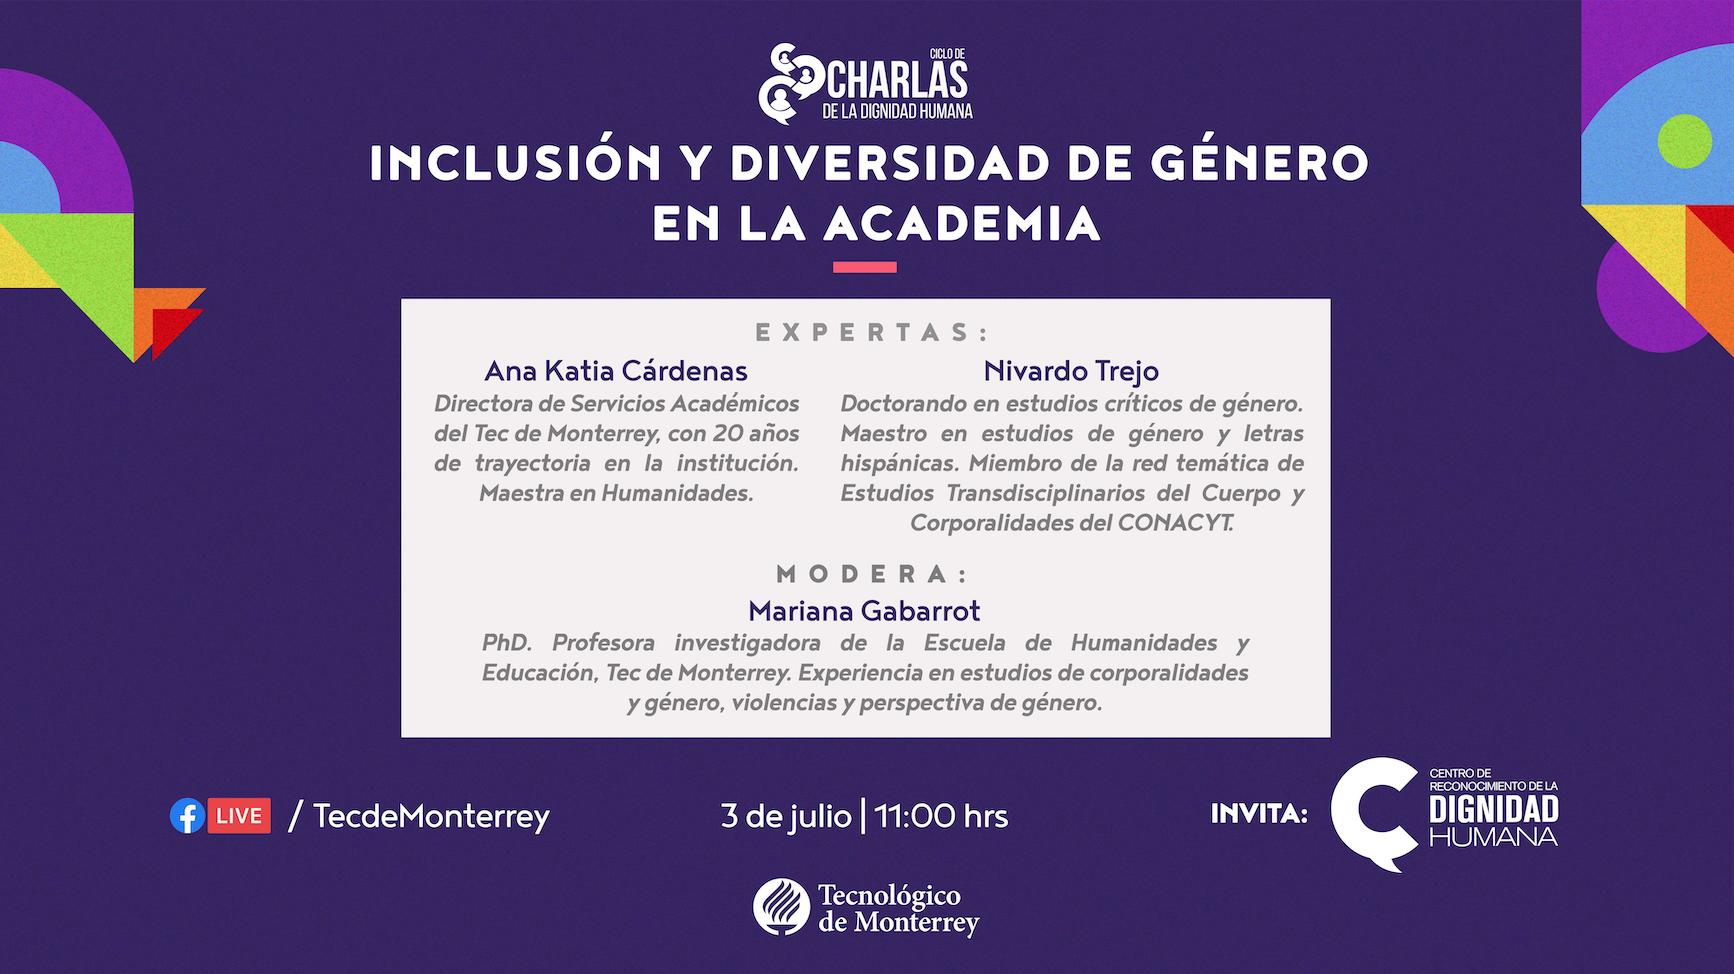 Inclusión y diversidad en la academia